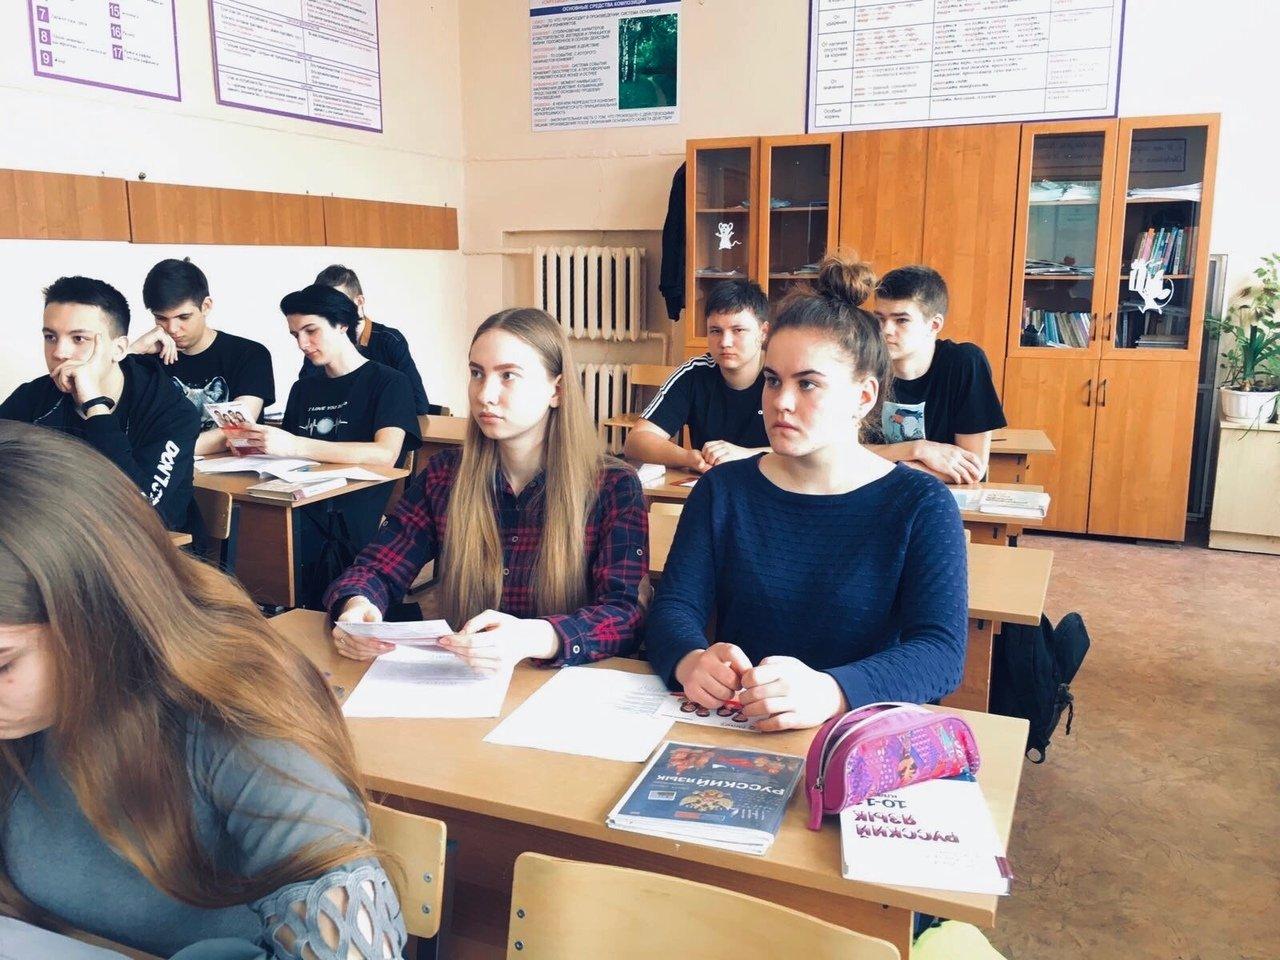 Тамбовский филиал РАНХиГС провел выездной день открытых дверей в Рассказово, фото-4